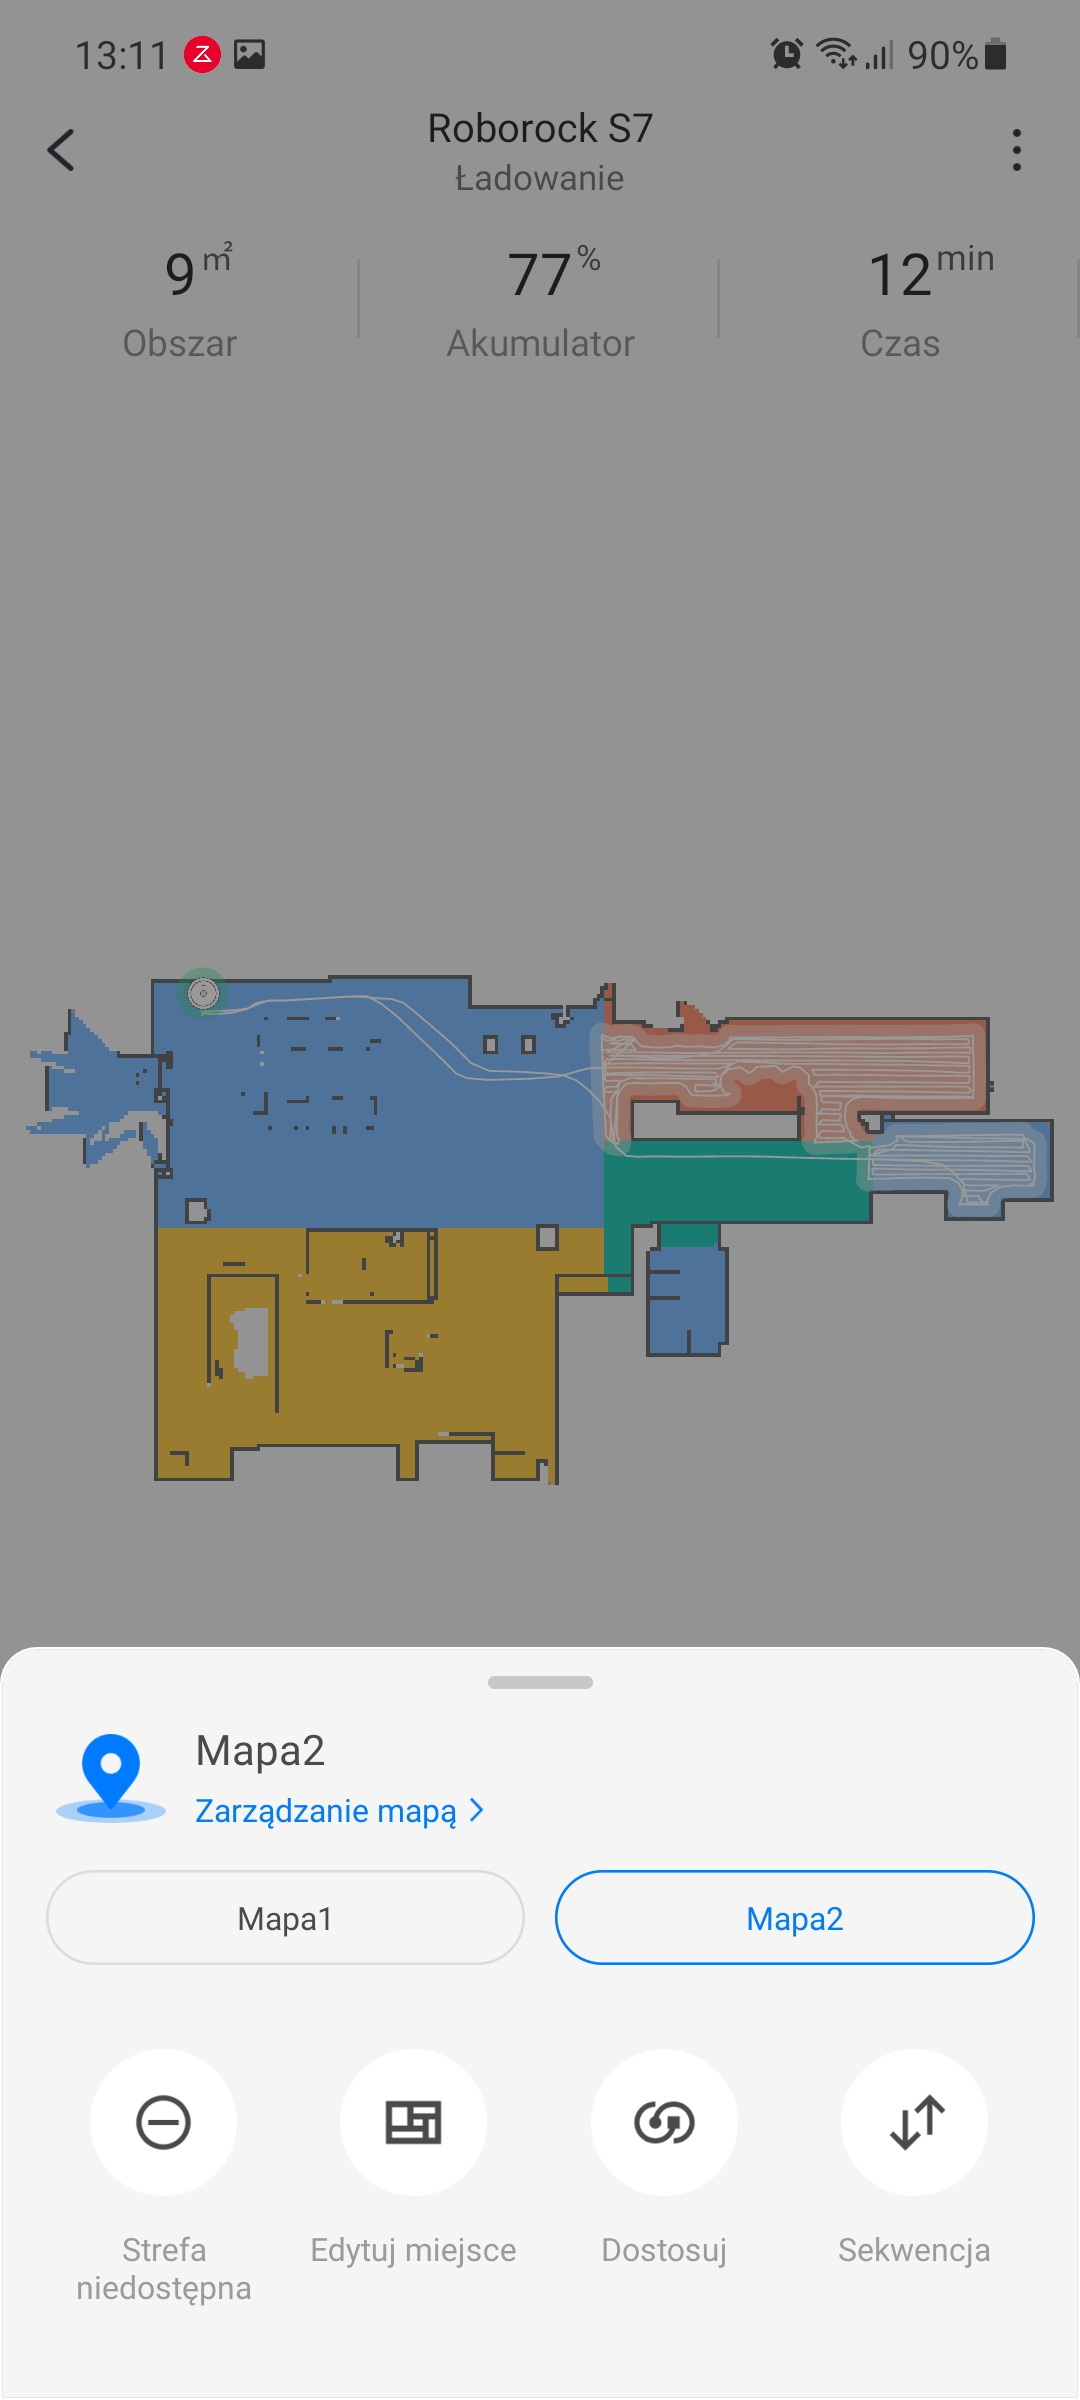 Recenzja Roborock S7 - do ideału brakuje niewiele